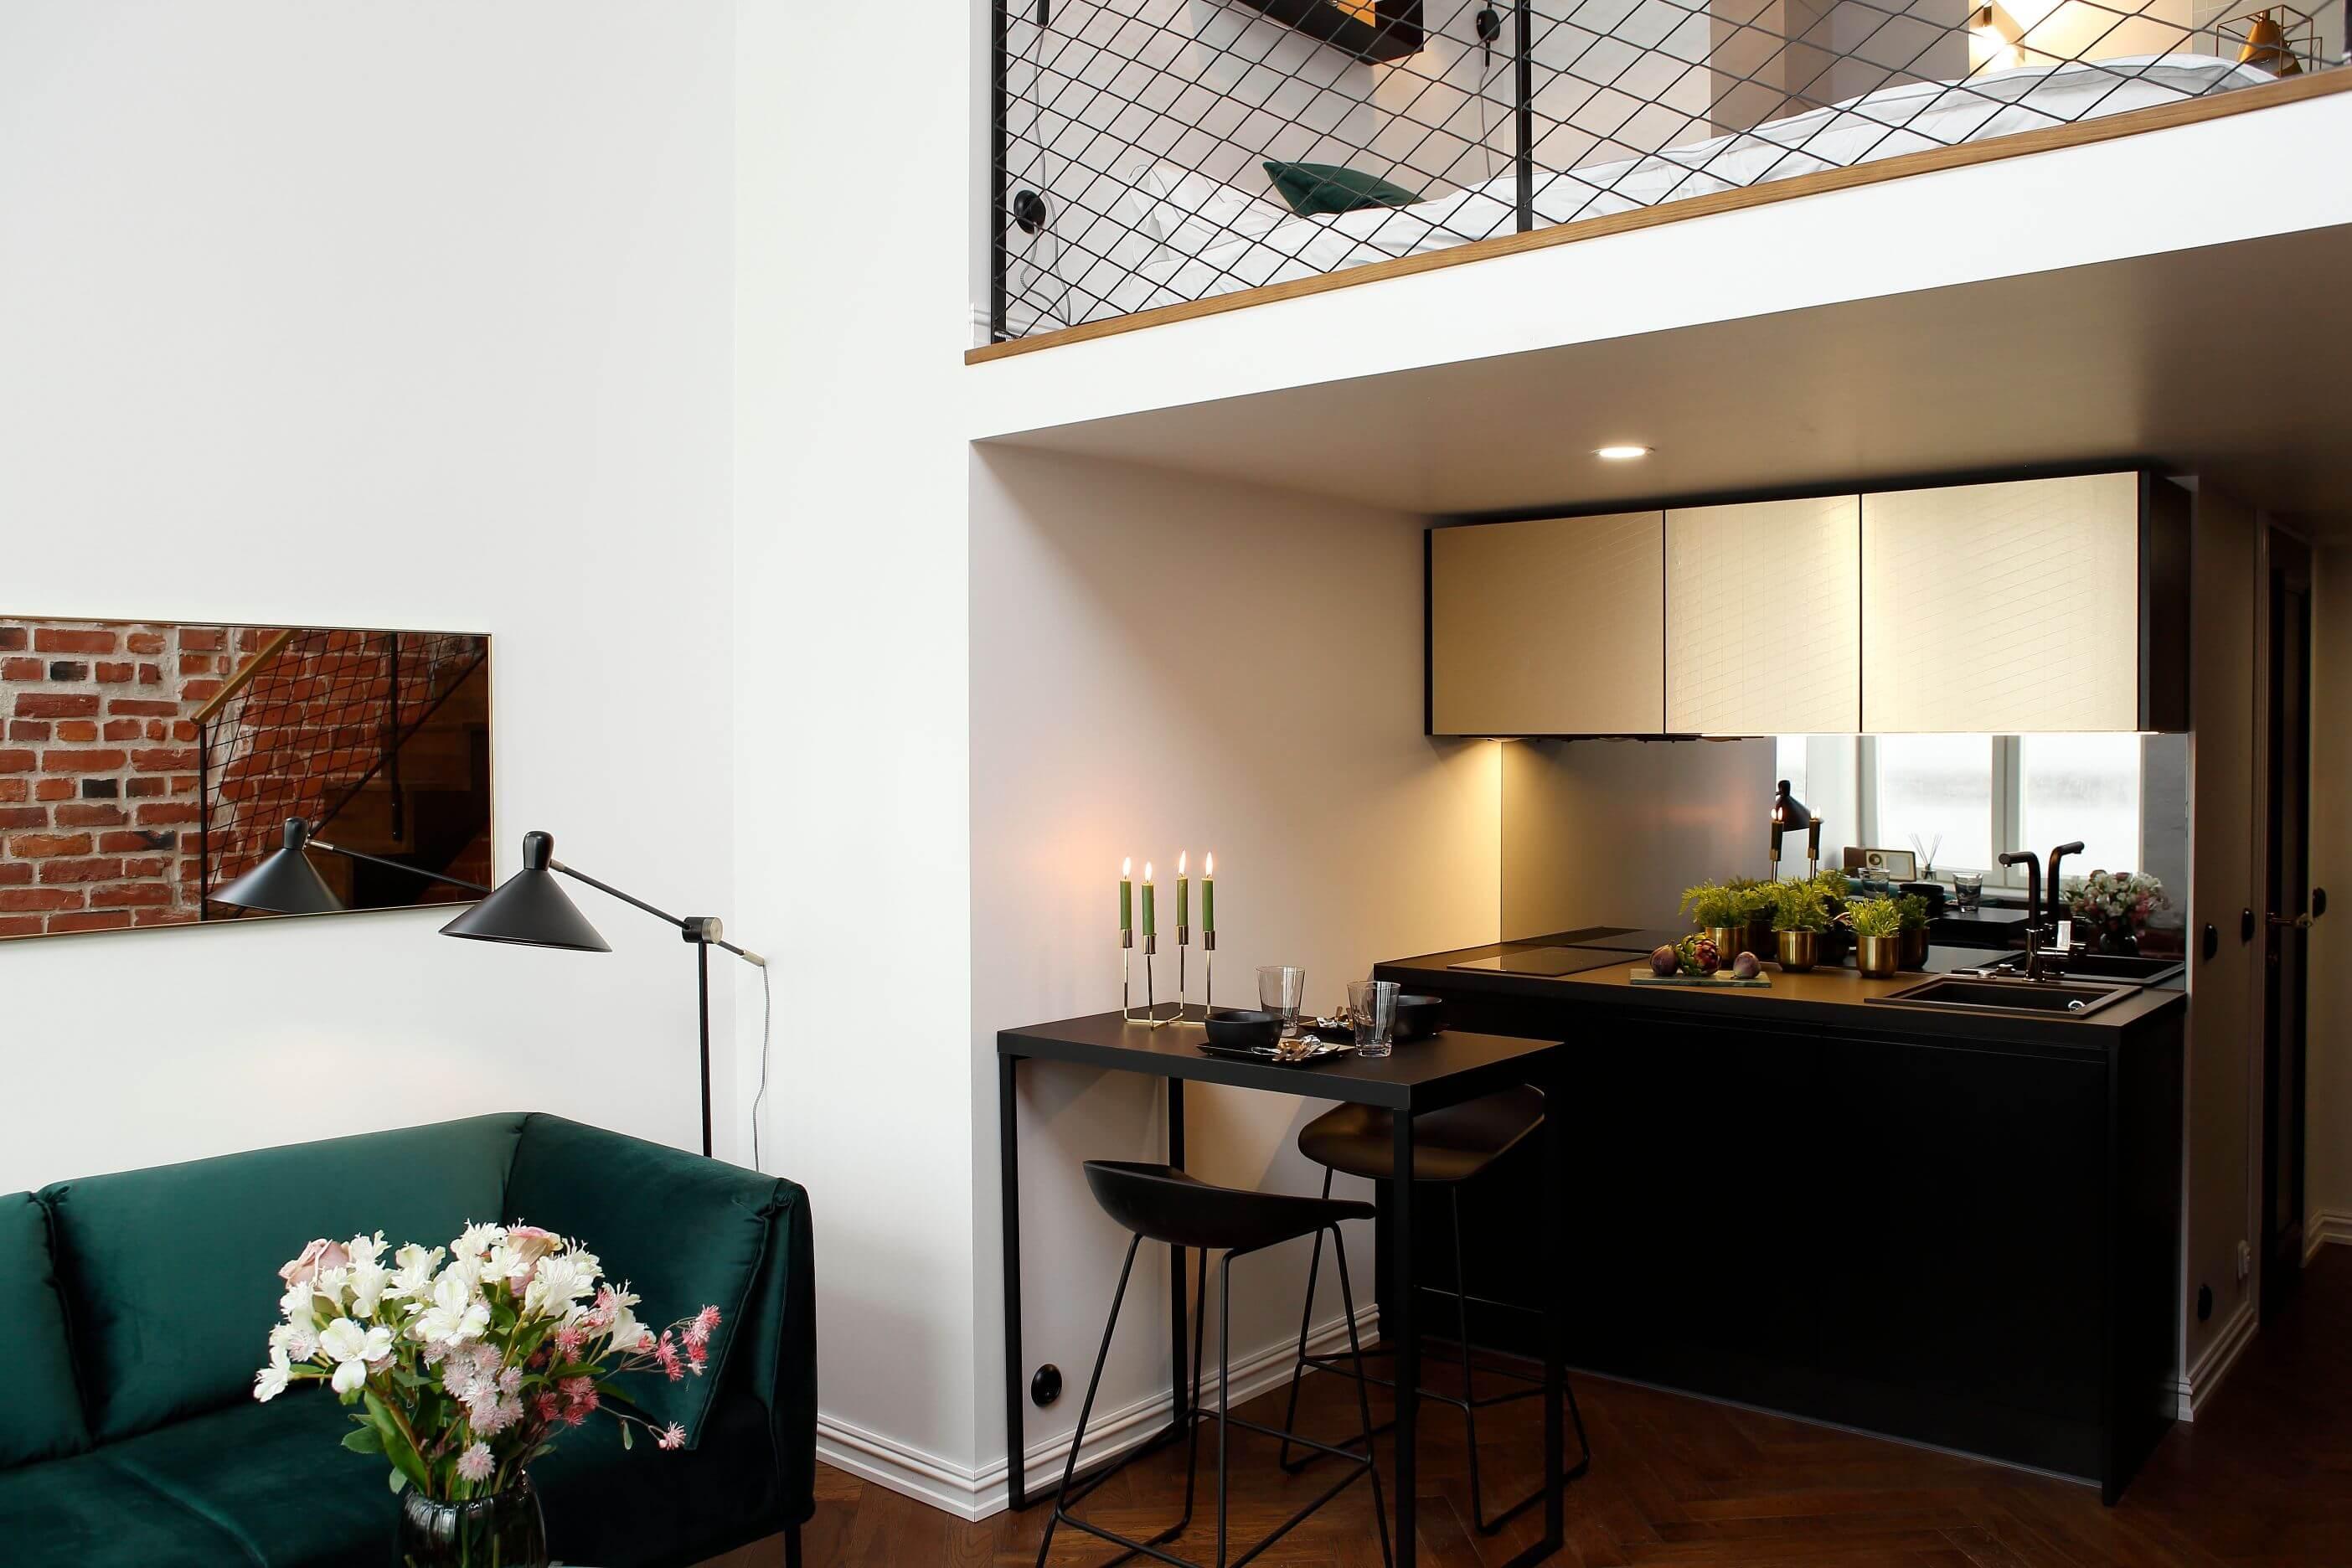 Hay-pukktool-Elke-mööbel-Treimann-diivan-sisustusproff-väike-köök